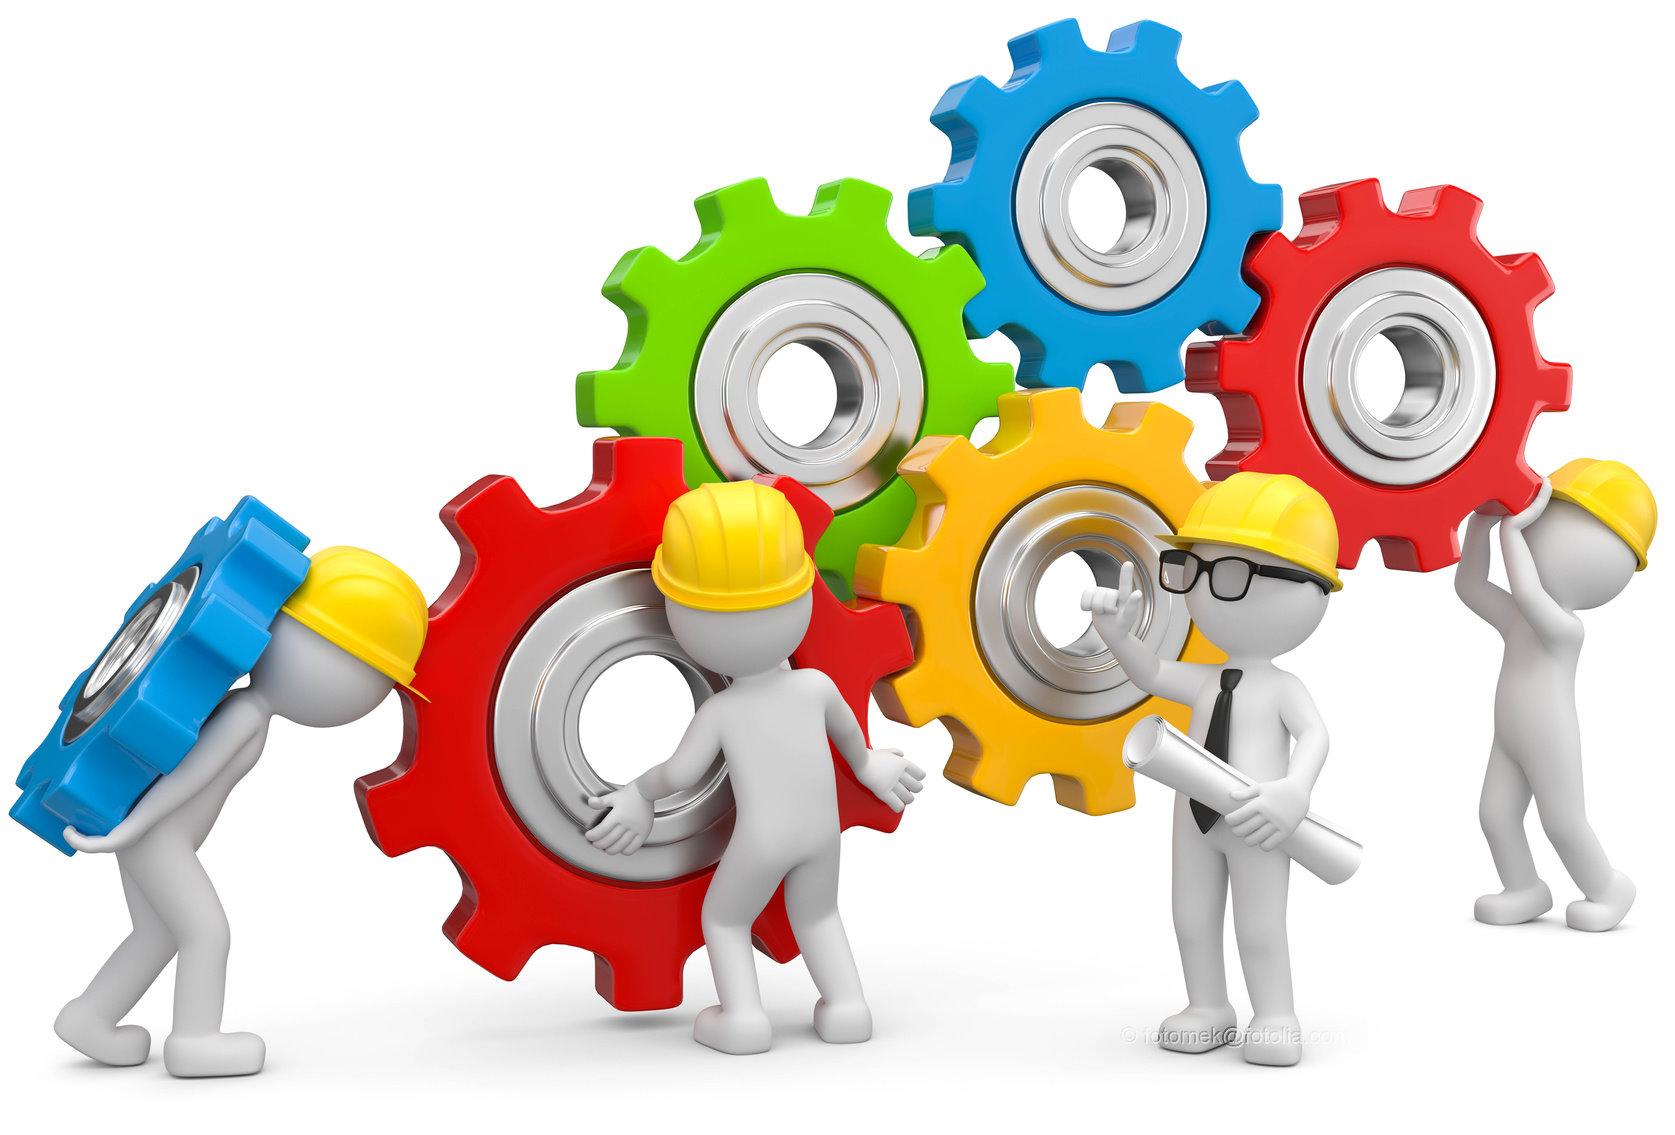 Mehr Produktivität erreichen durch die Schaffung von richtigen Voraussetzungen